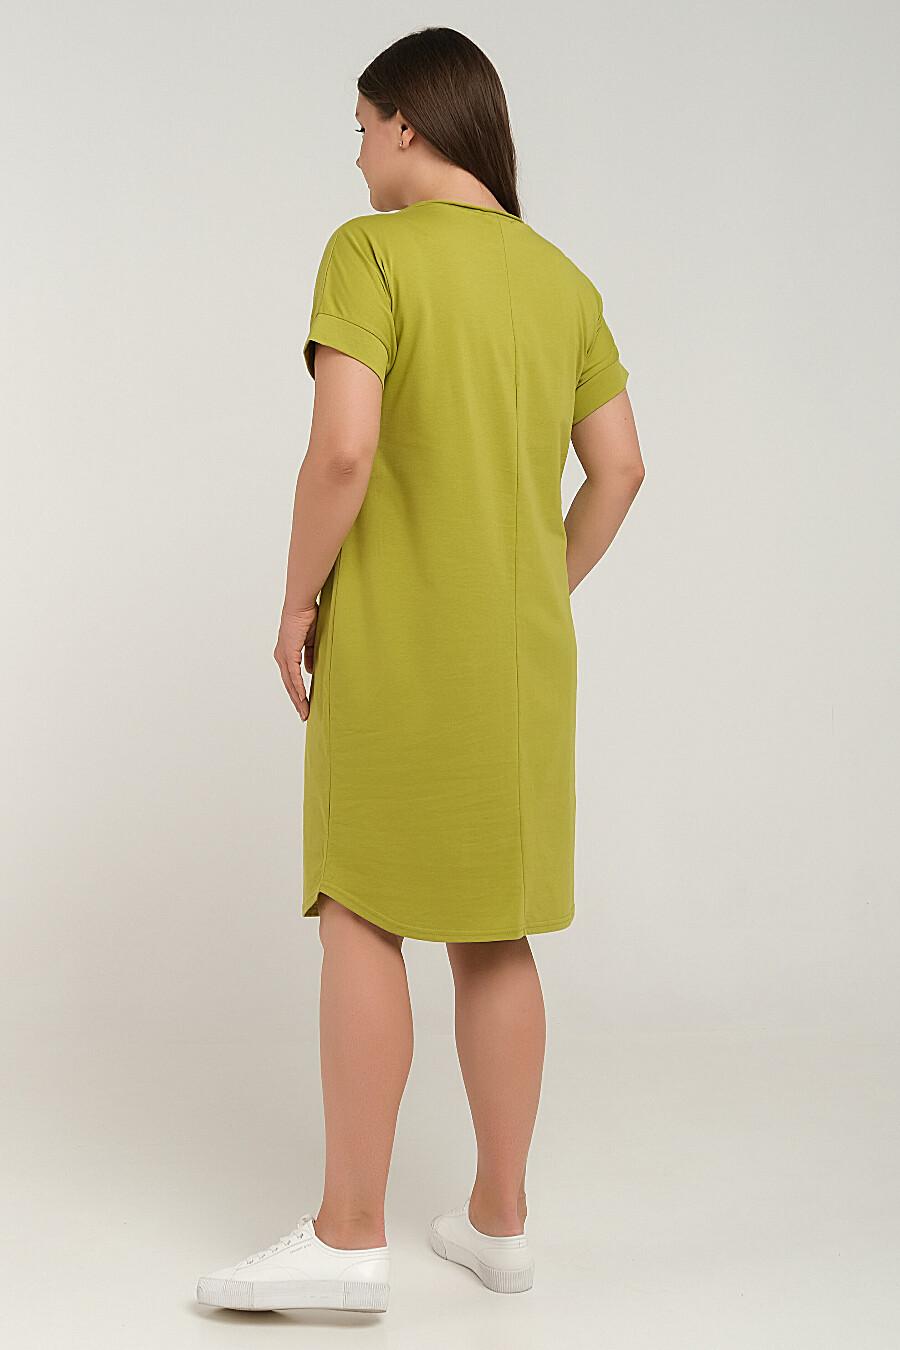 Платье ODEVAITE (665969), купить в Moyo.moda